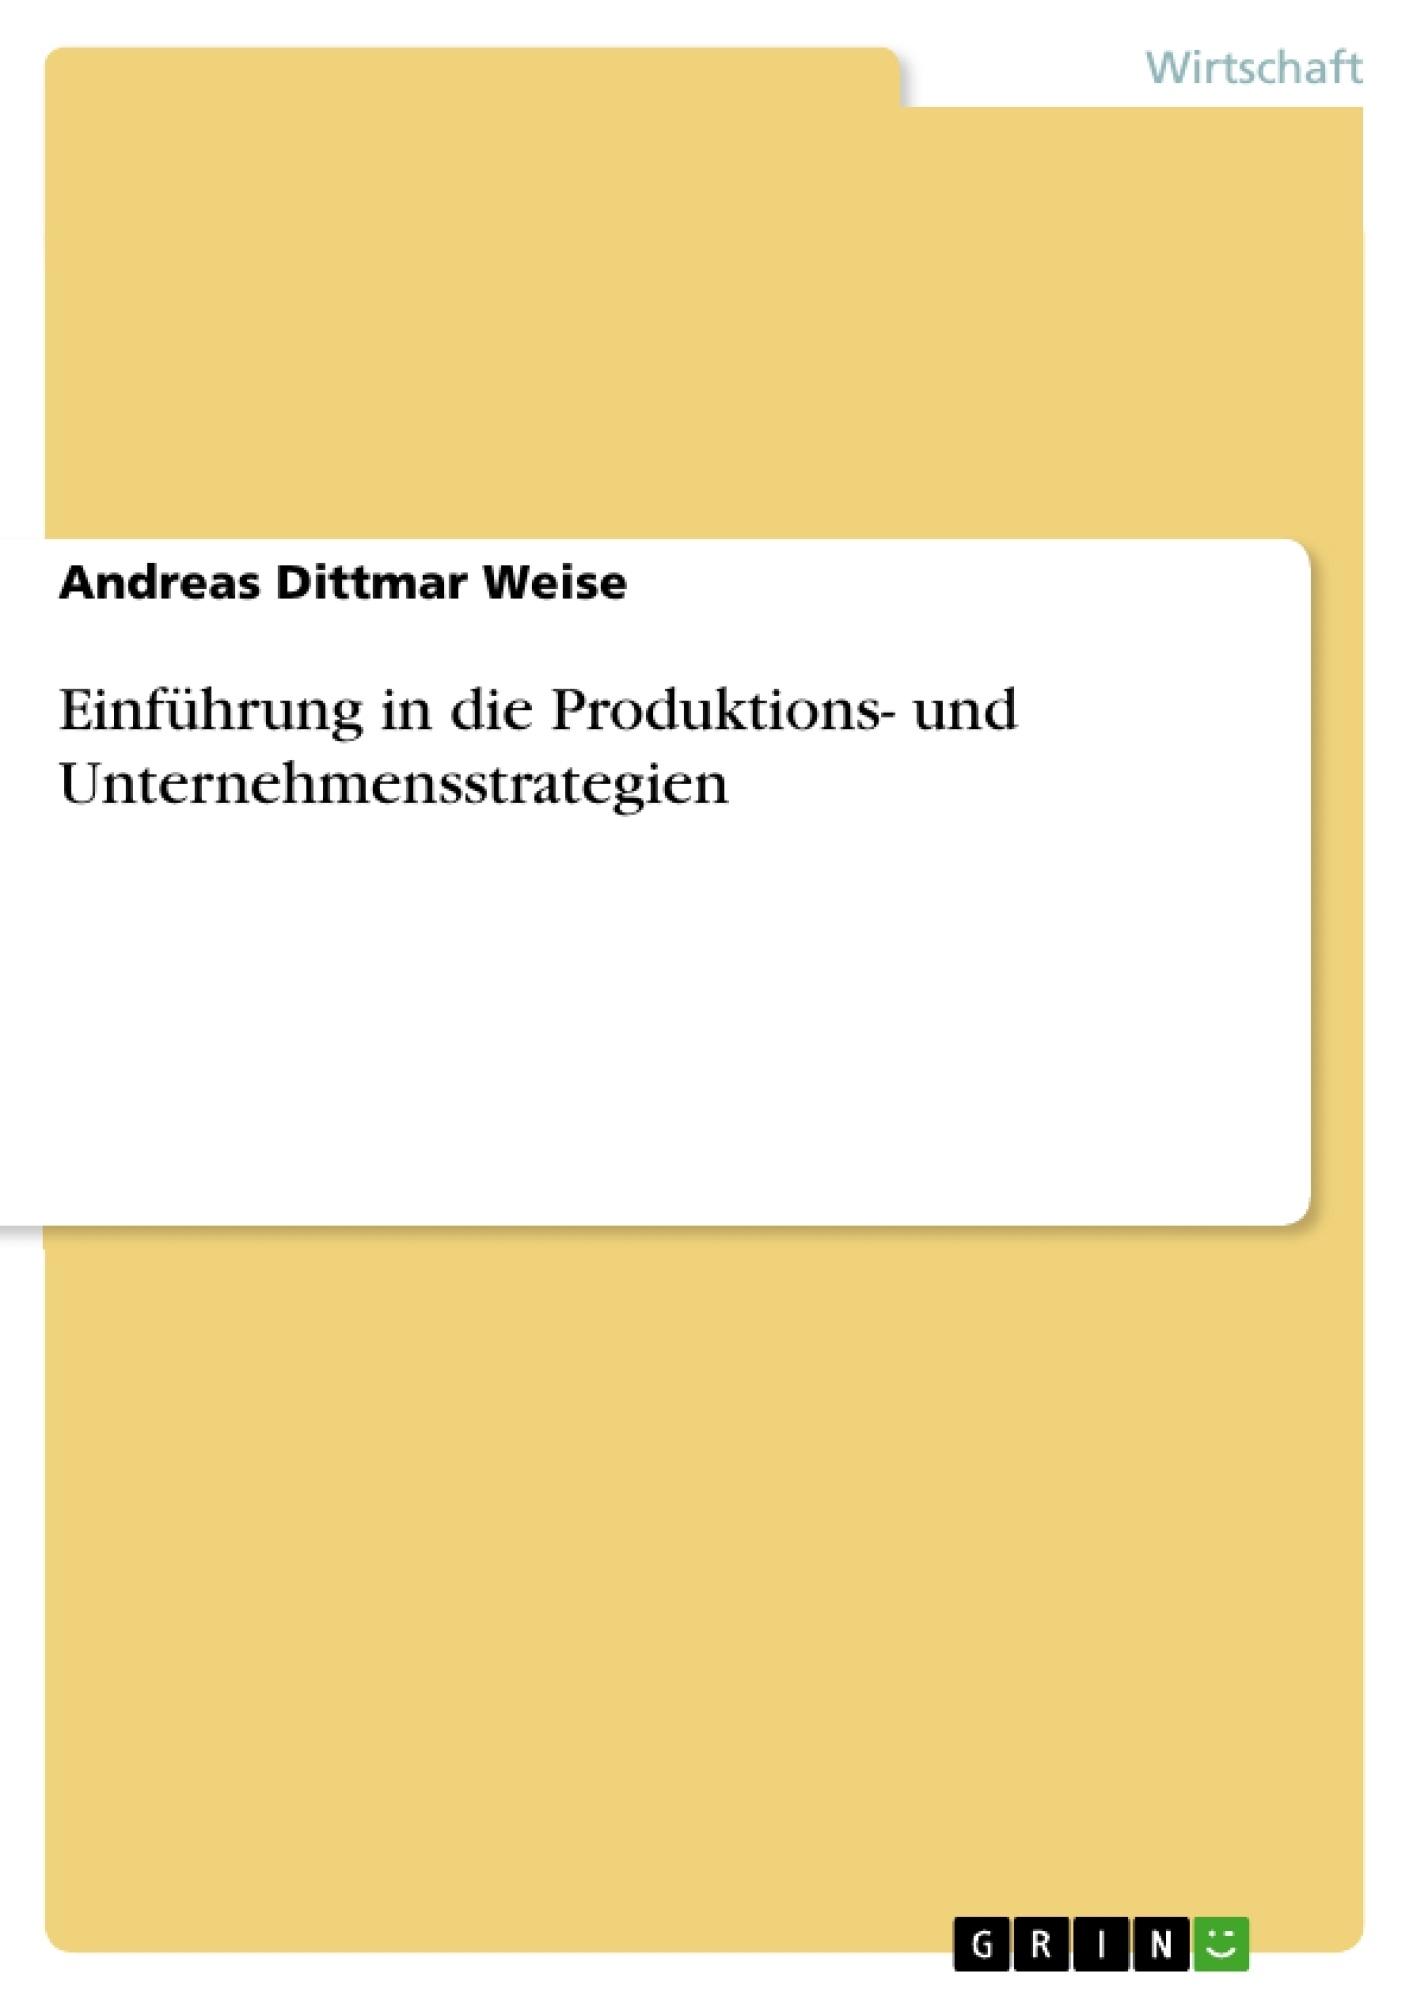 Titel: Einführung in die Produktions- und Unternehmensstrategien